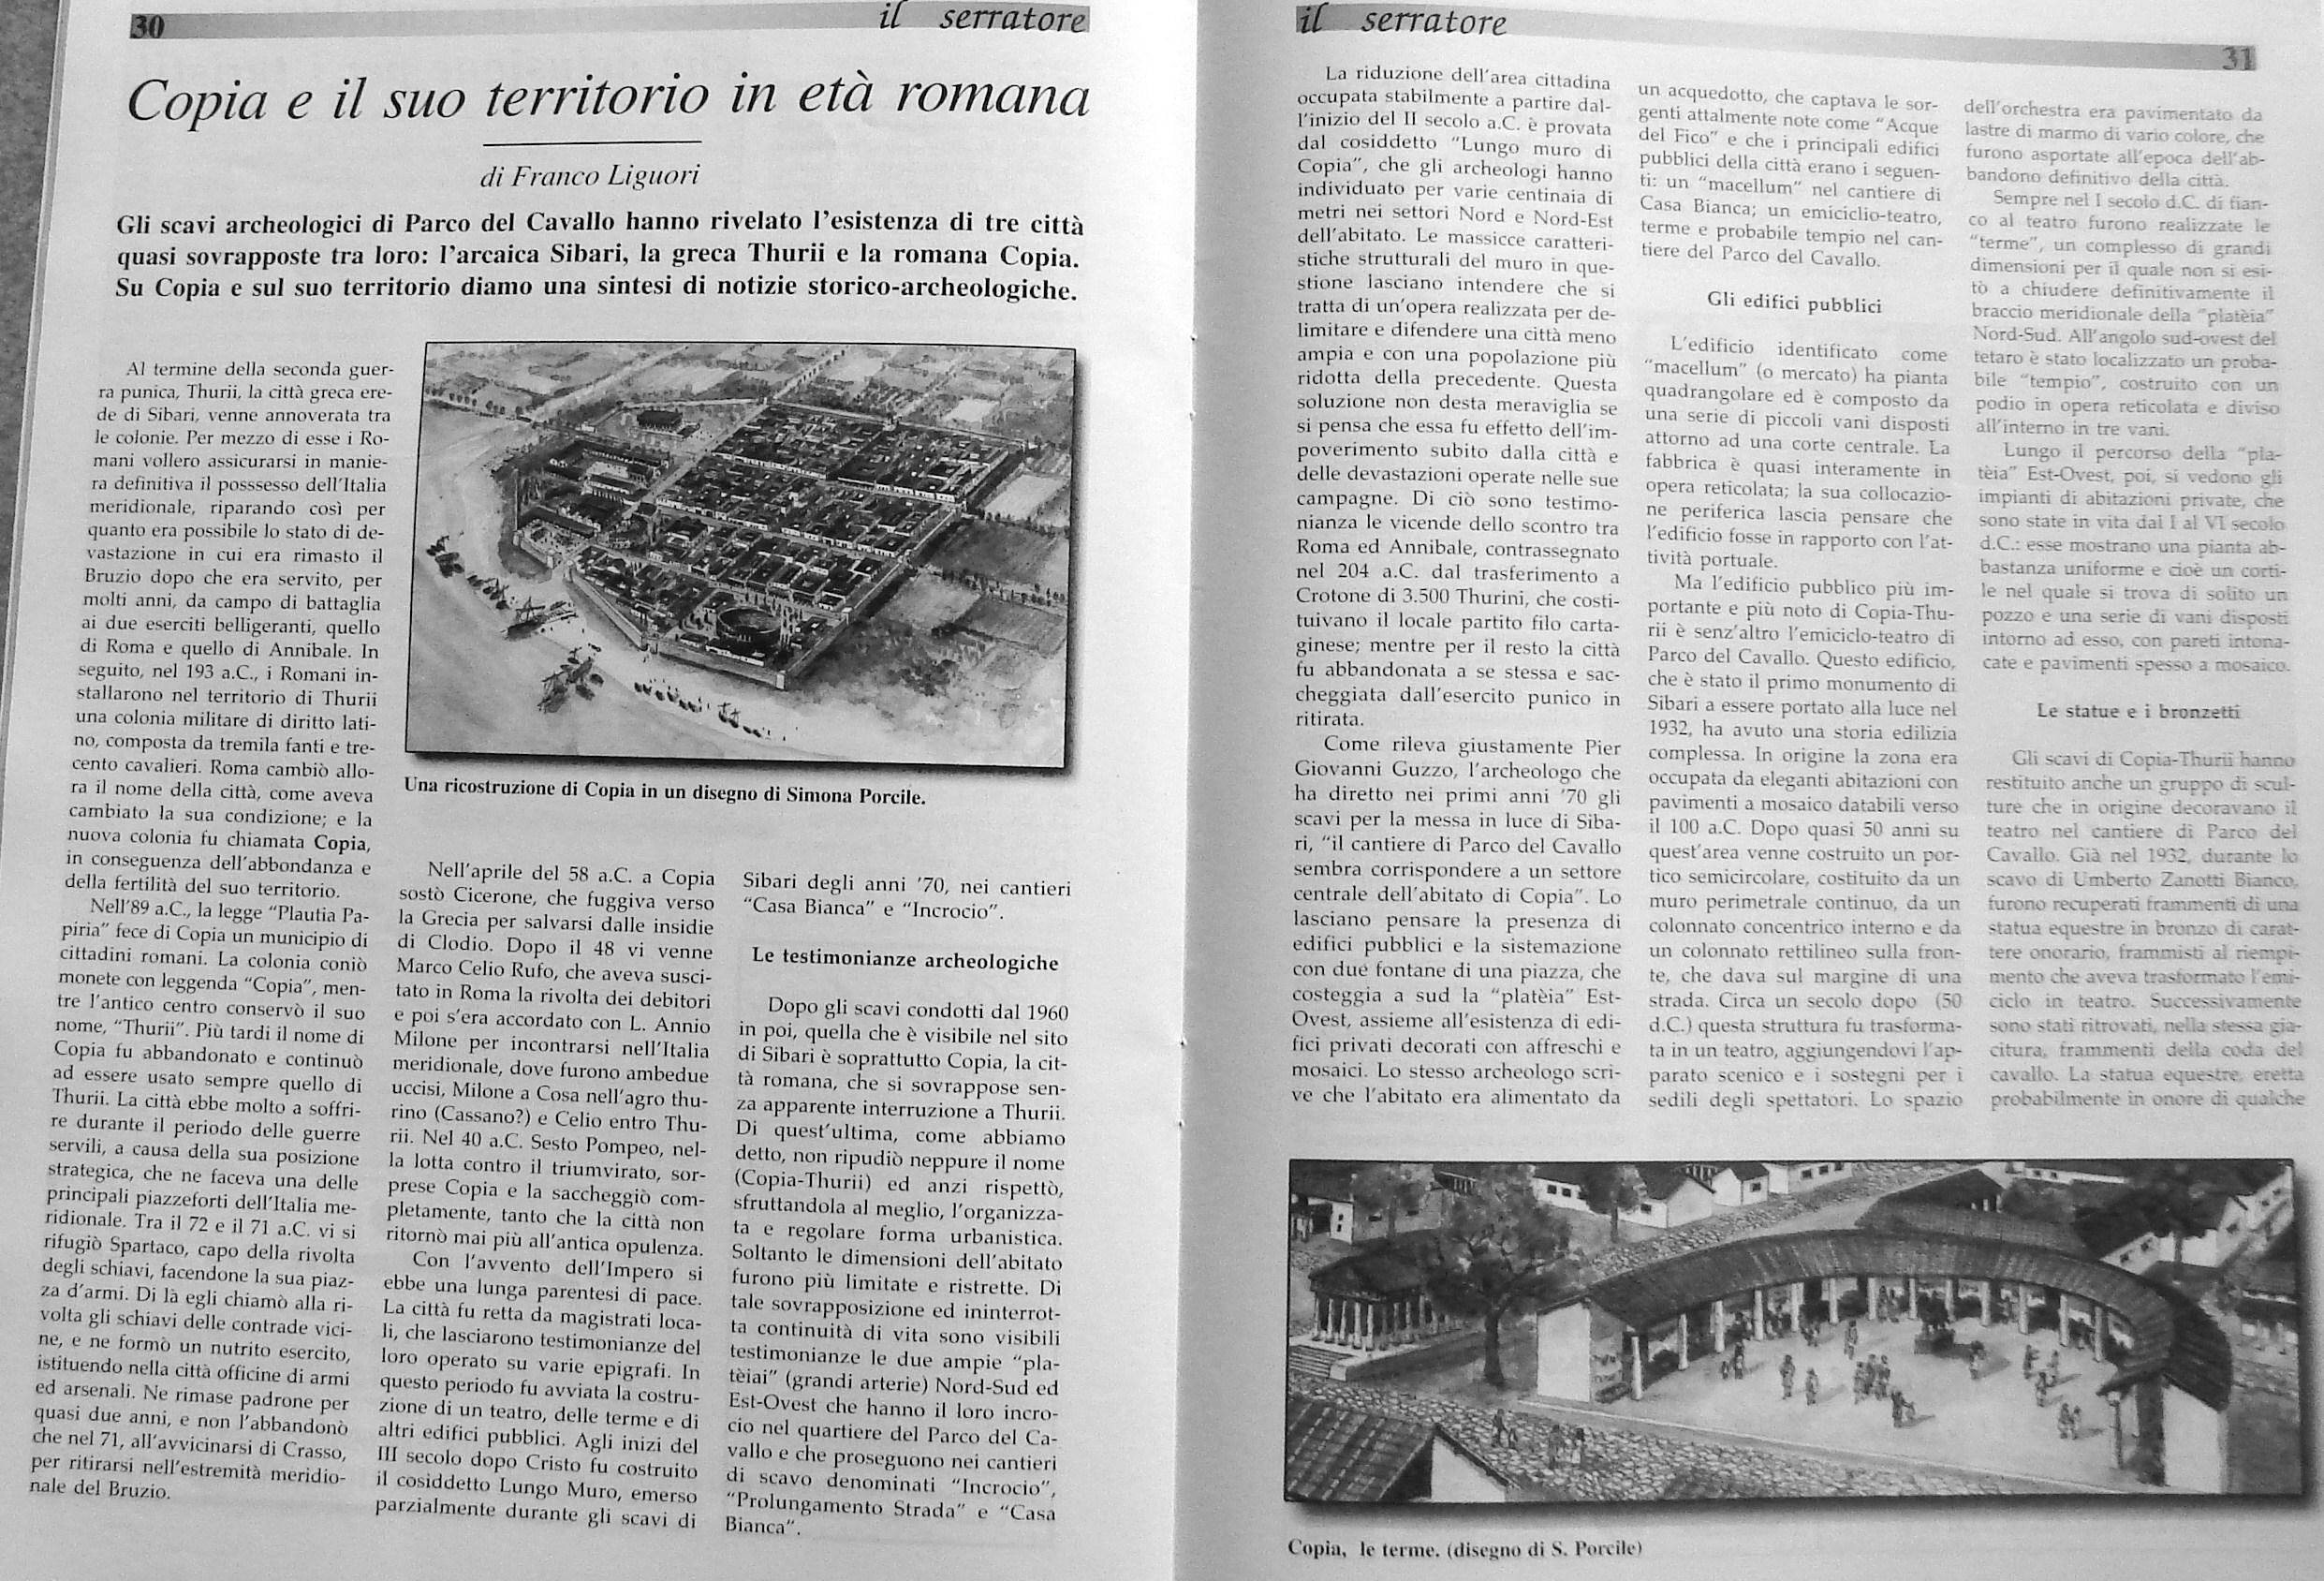 Pubblicazioni Matrimonio Oriolo Romano : Articoli e pubblicazioni antica biblioteca rossanese